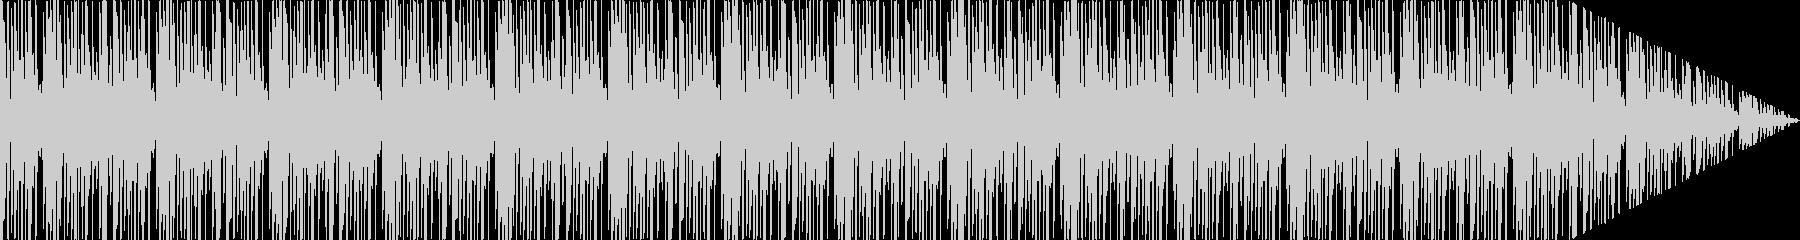 ループ。ジャングルドラムループとシ...の未再生の波形